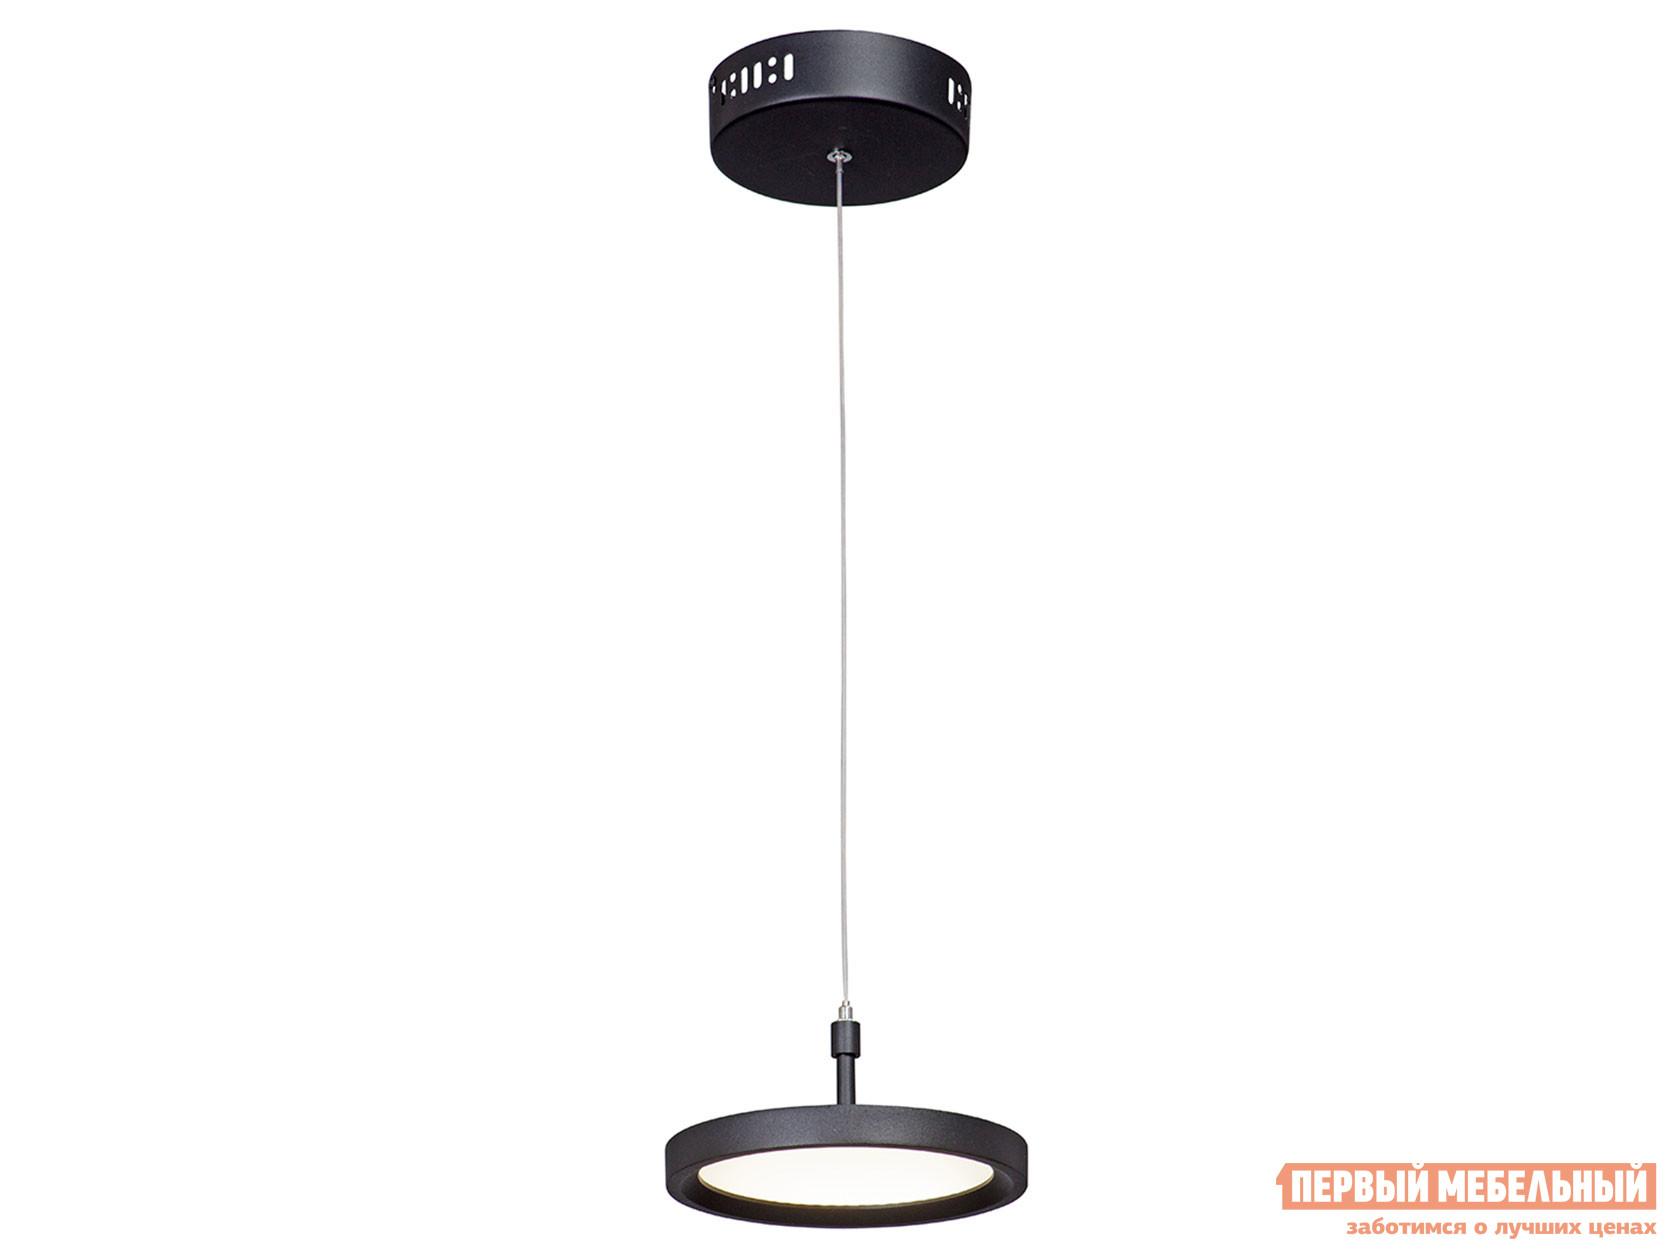 Фото - Подвесной светильник КСК-электро Светодиодный светильник V4603-1/1S, LED 13Вт, 3900-4200K подвесной светильник кск электро светодиодный светильник v4617 1 2s led 91вт 3900 4200k